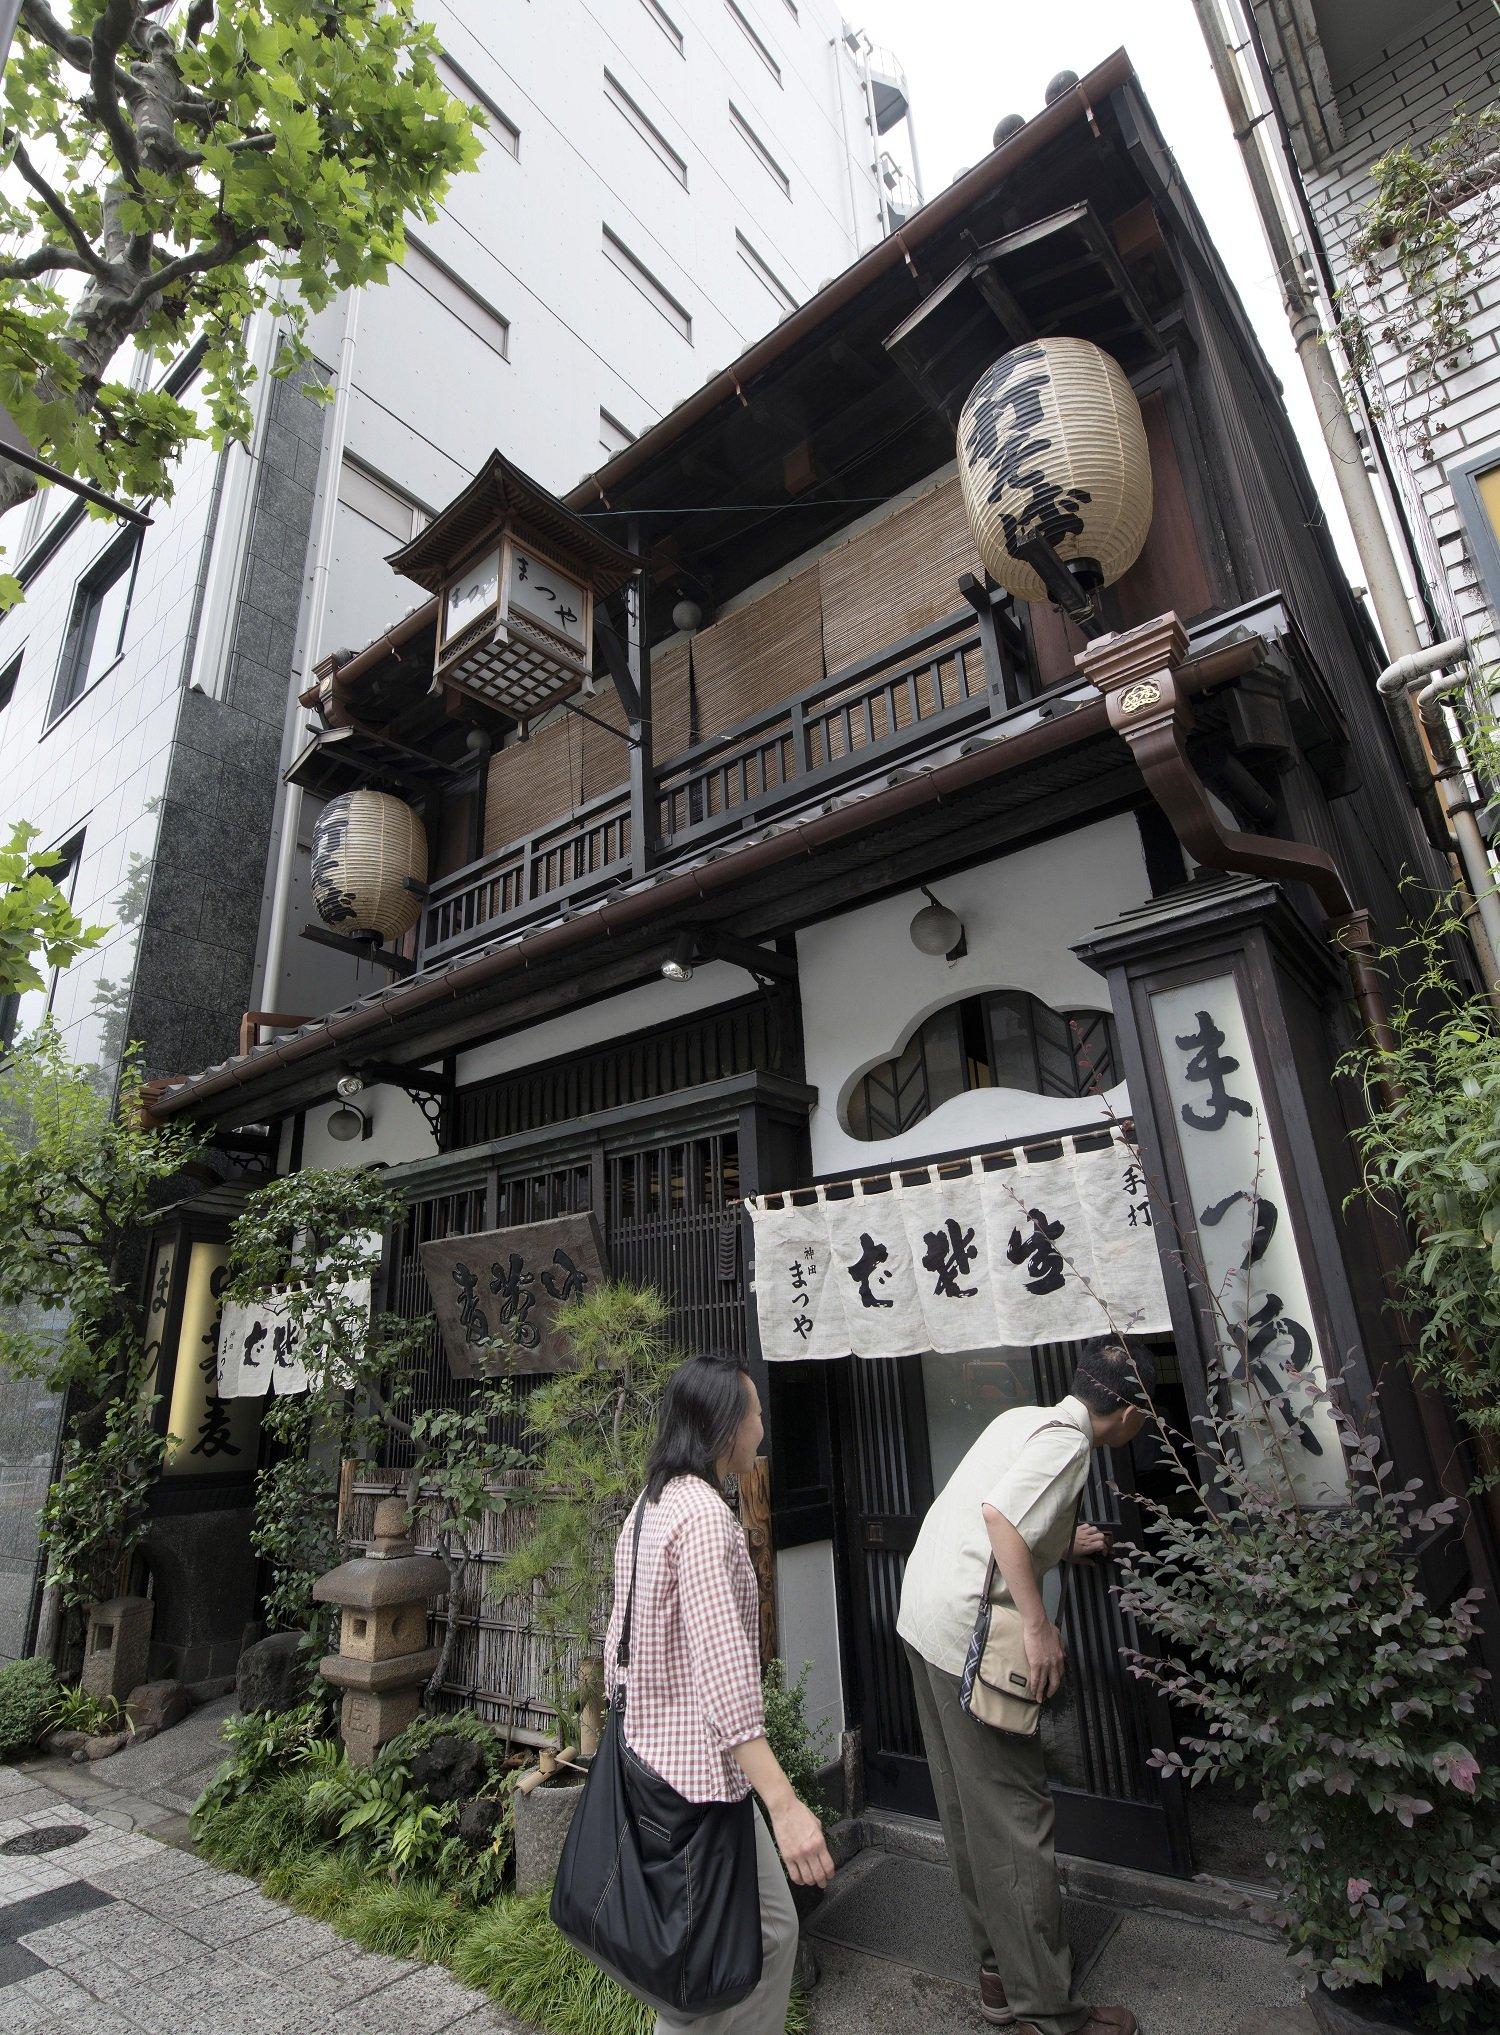 建物は東京都選定の歴史的建造物になっている昭和2年(1927)建築の木造2階建て